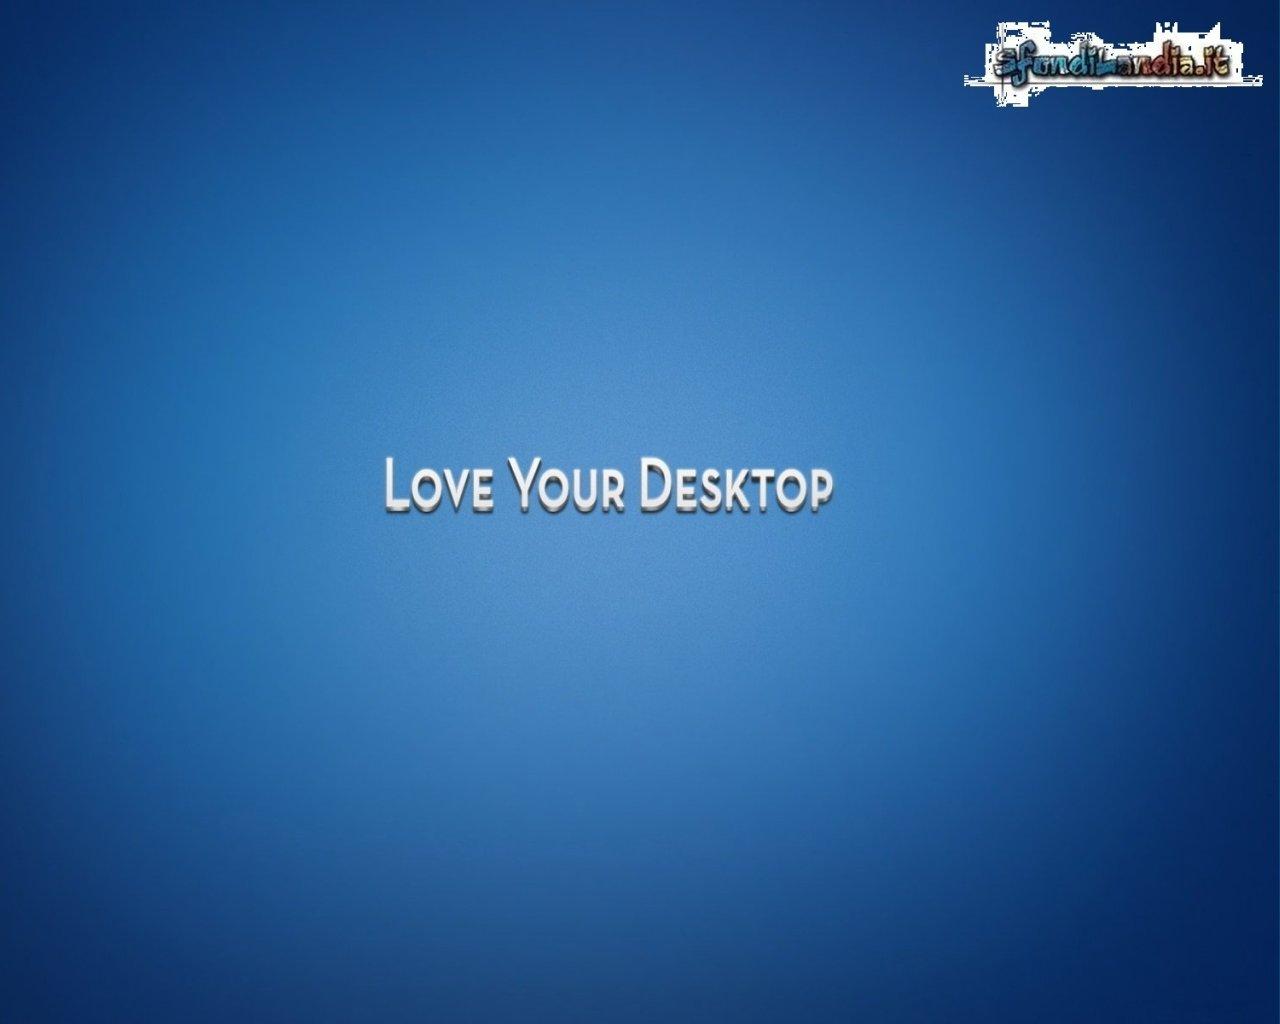 Love Your Desktop